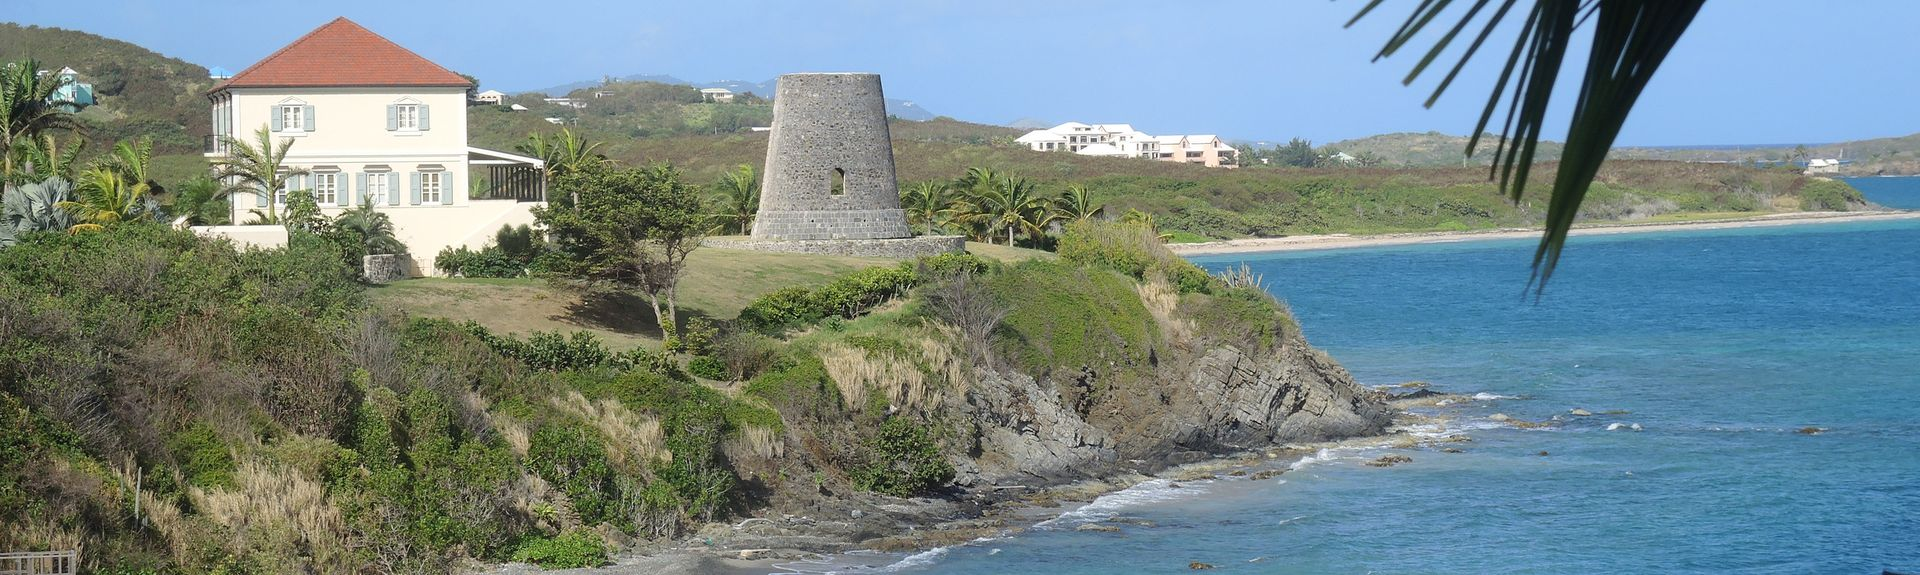 Carambola Golf Club, Frederiksted, U.S. Virgin Islands